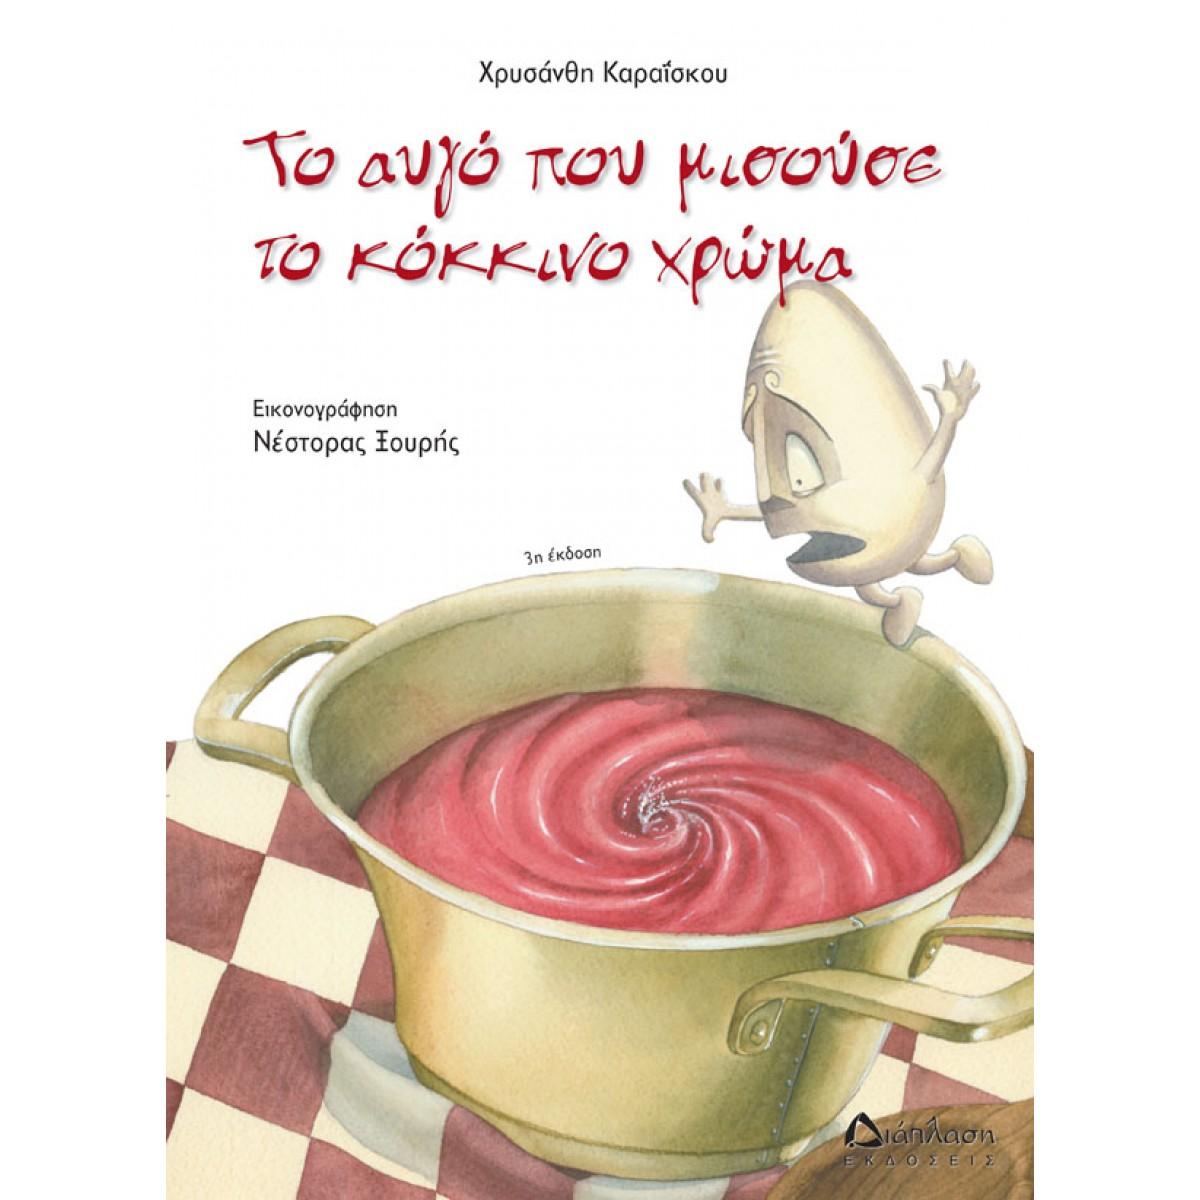 ΤΟ ΑΥΓΟ ΠΟΥ ΜΙΣΟΥΣΕ ΤΟ ΚΟΚΚΙΝΟ ΧΡΩΜΑ Παιδικά Βιβλία